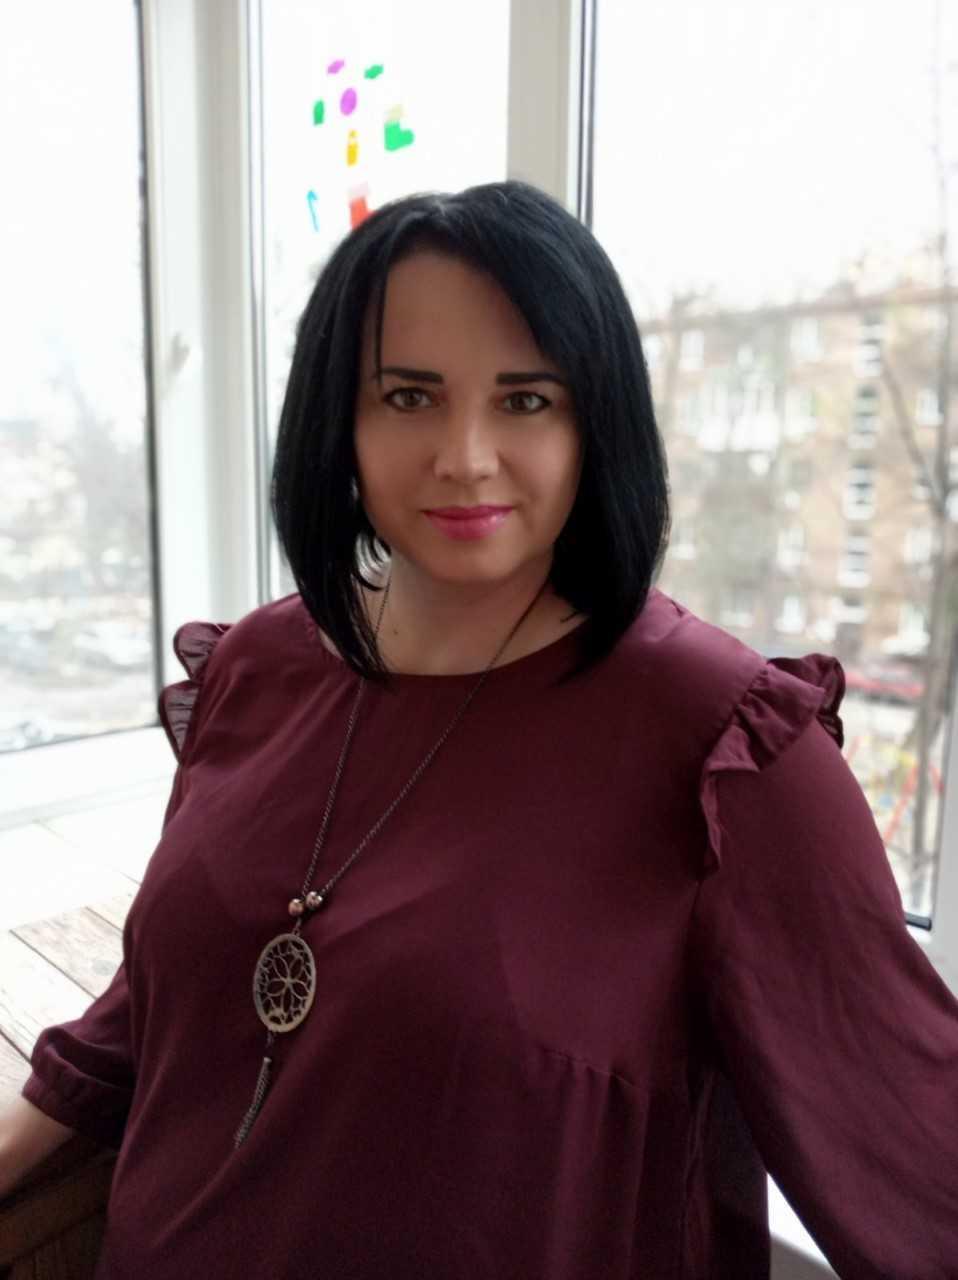 По словам Елены Антоненко, как правило, к убийству подталкивает алкоголь / фото: УНИАН